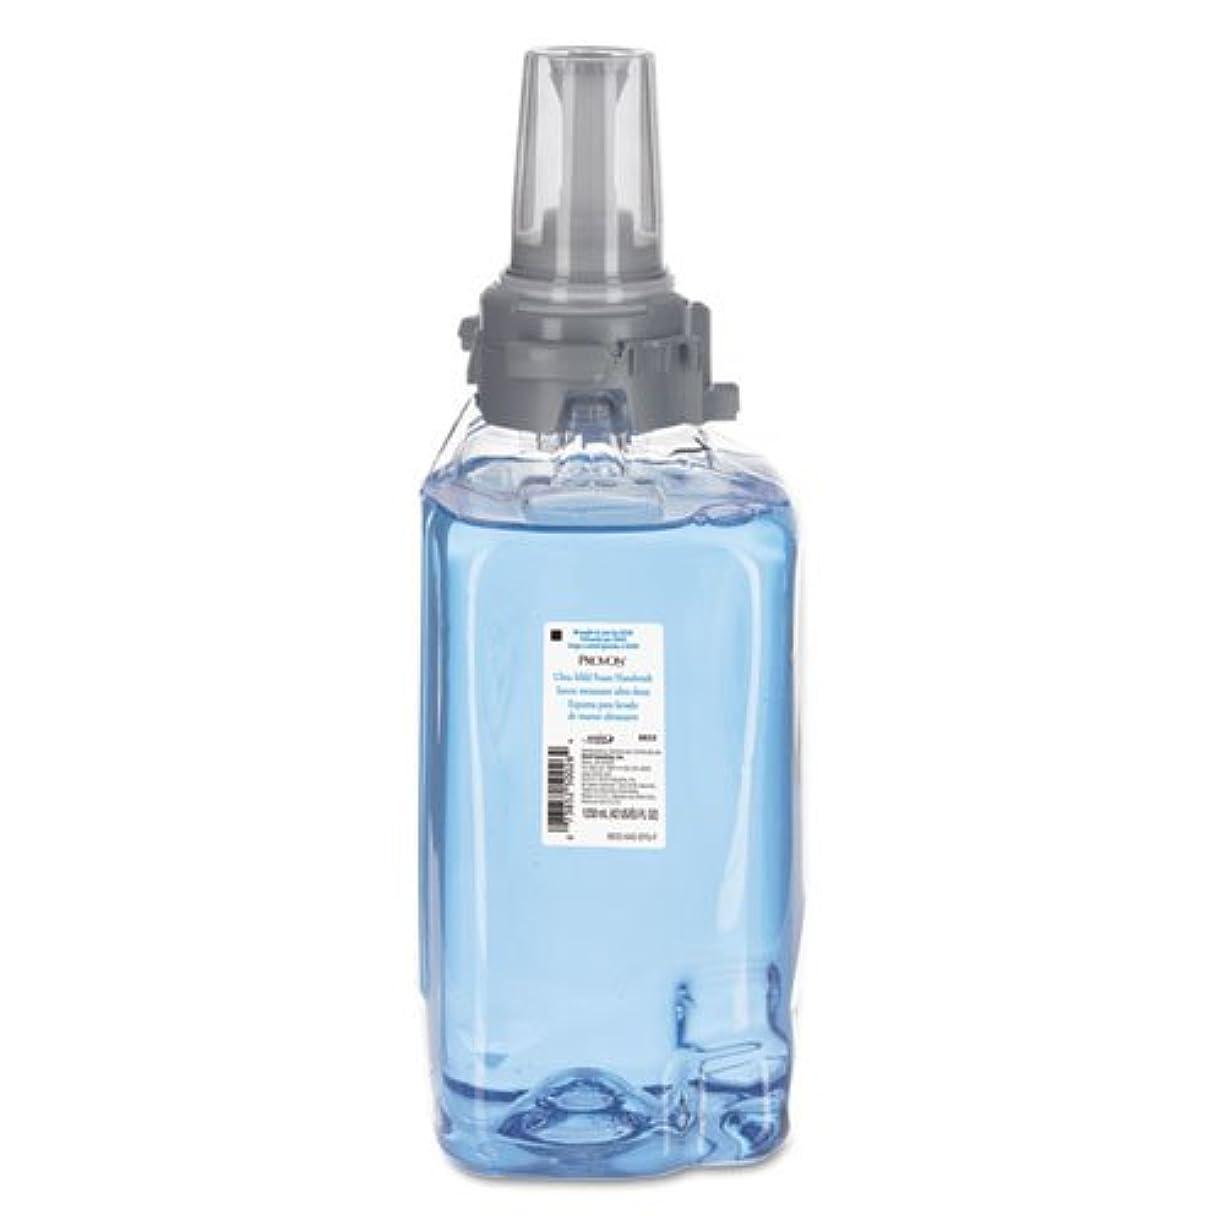 願望ゆるい兄GOJO 超中性フォームハンドウォッシュ、フレッシュな香り、1250ml詰め替え、3/カートン。